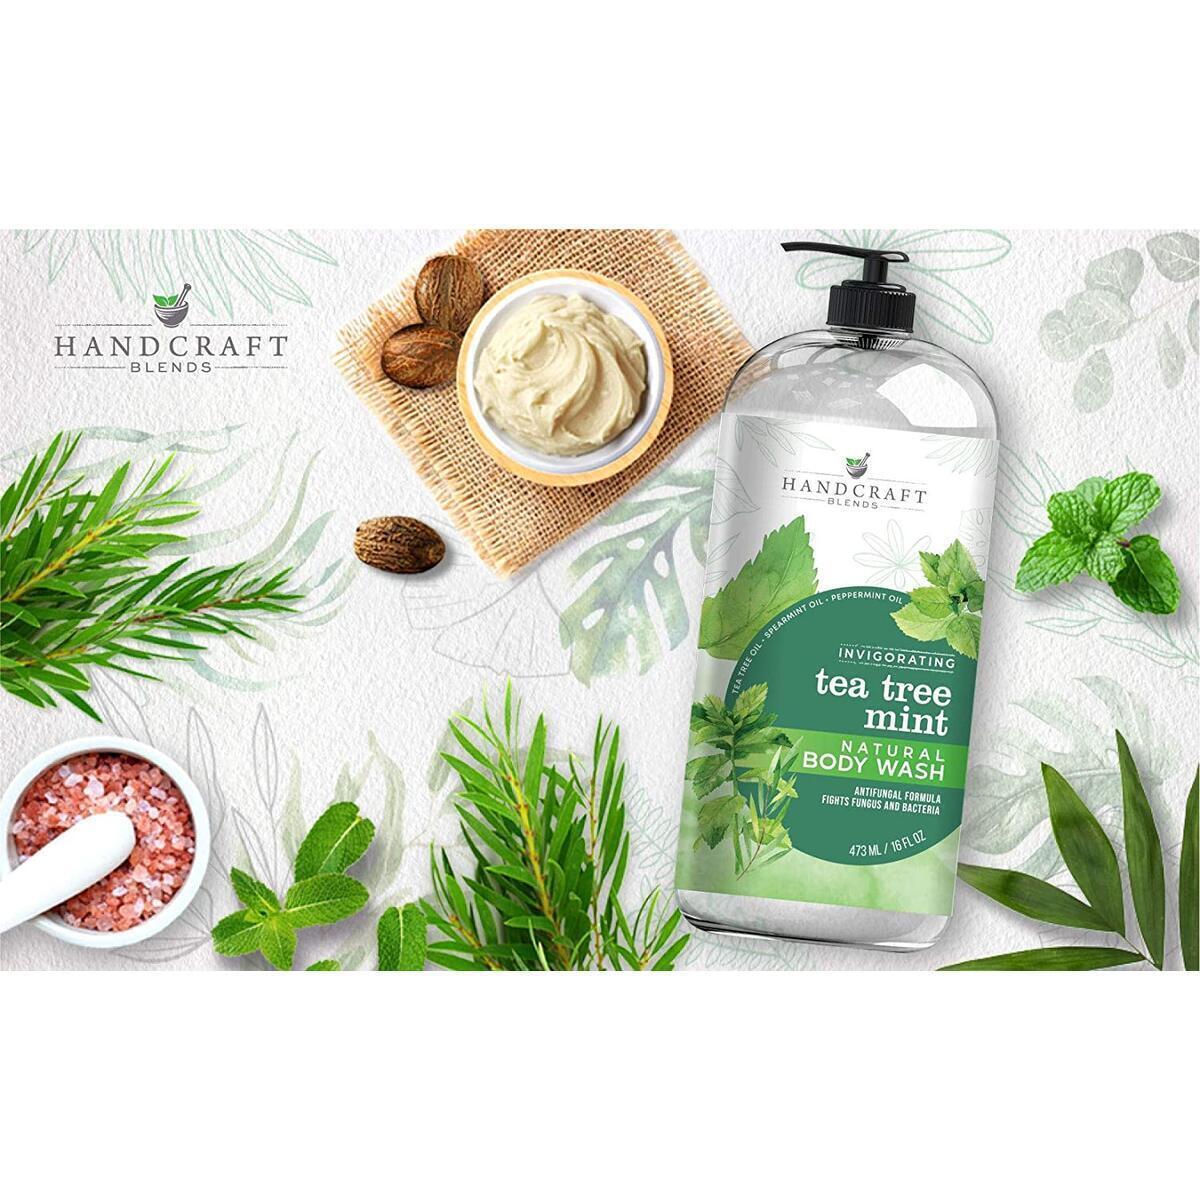 Tea Tree Mint Body Wash 16 oz